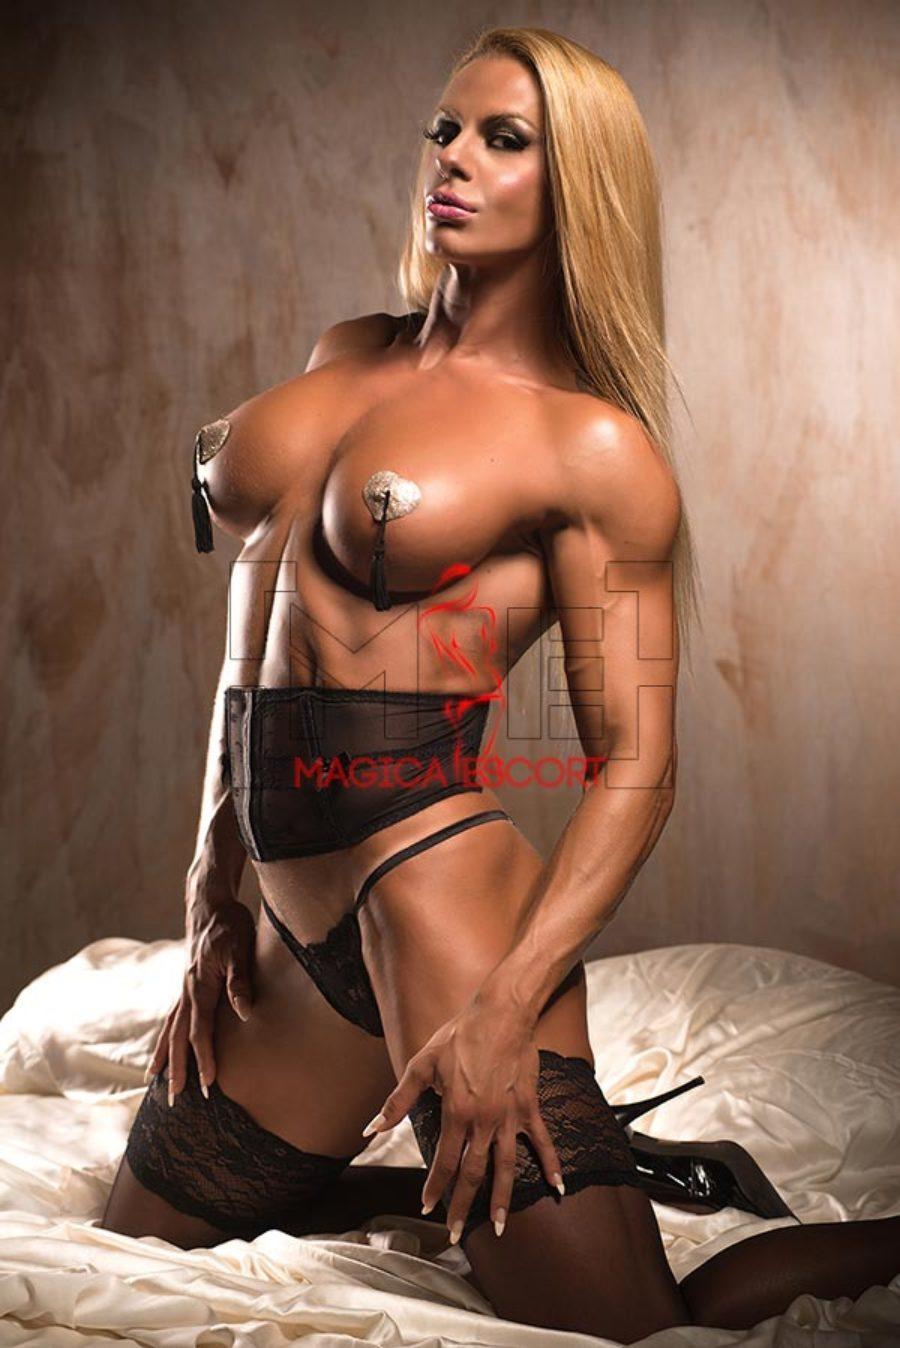 Larissa escort Roma ci mostra un seno perfetto.